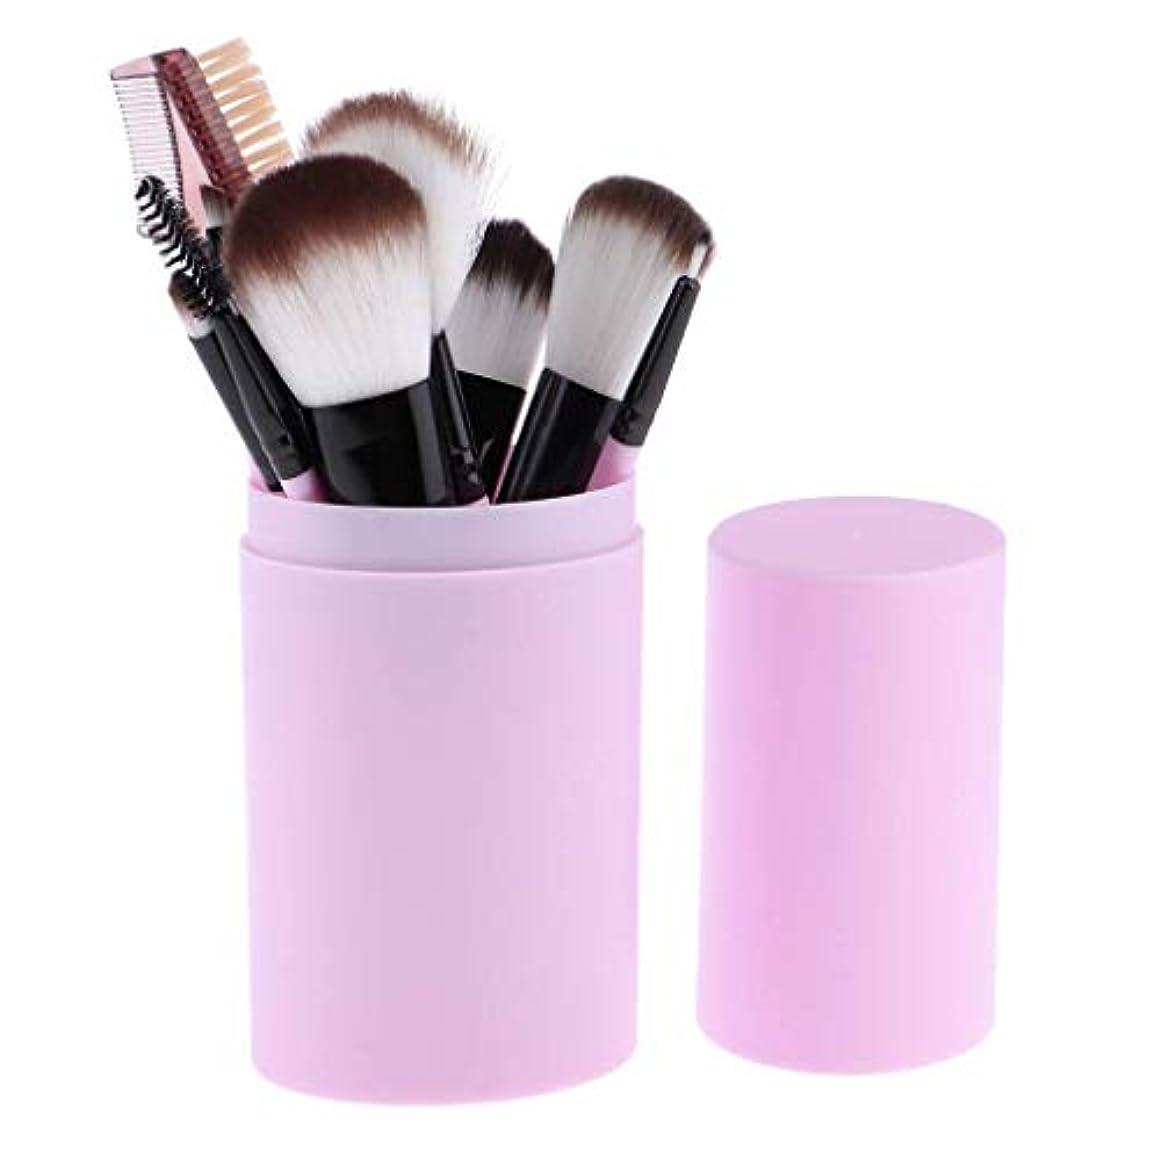 その間副産物大工Makeup brushes スミア、持ち運びにやさしい、12ピース高品質木製ハンドル化粧ブラシセット(収納バケツ化粧ブラシセット) suits (Color : Purple)